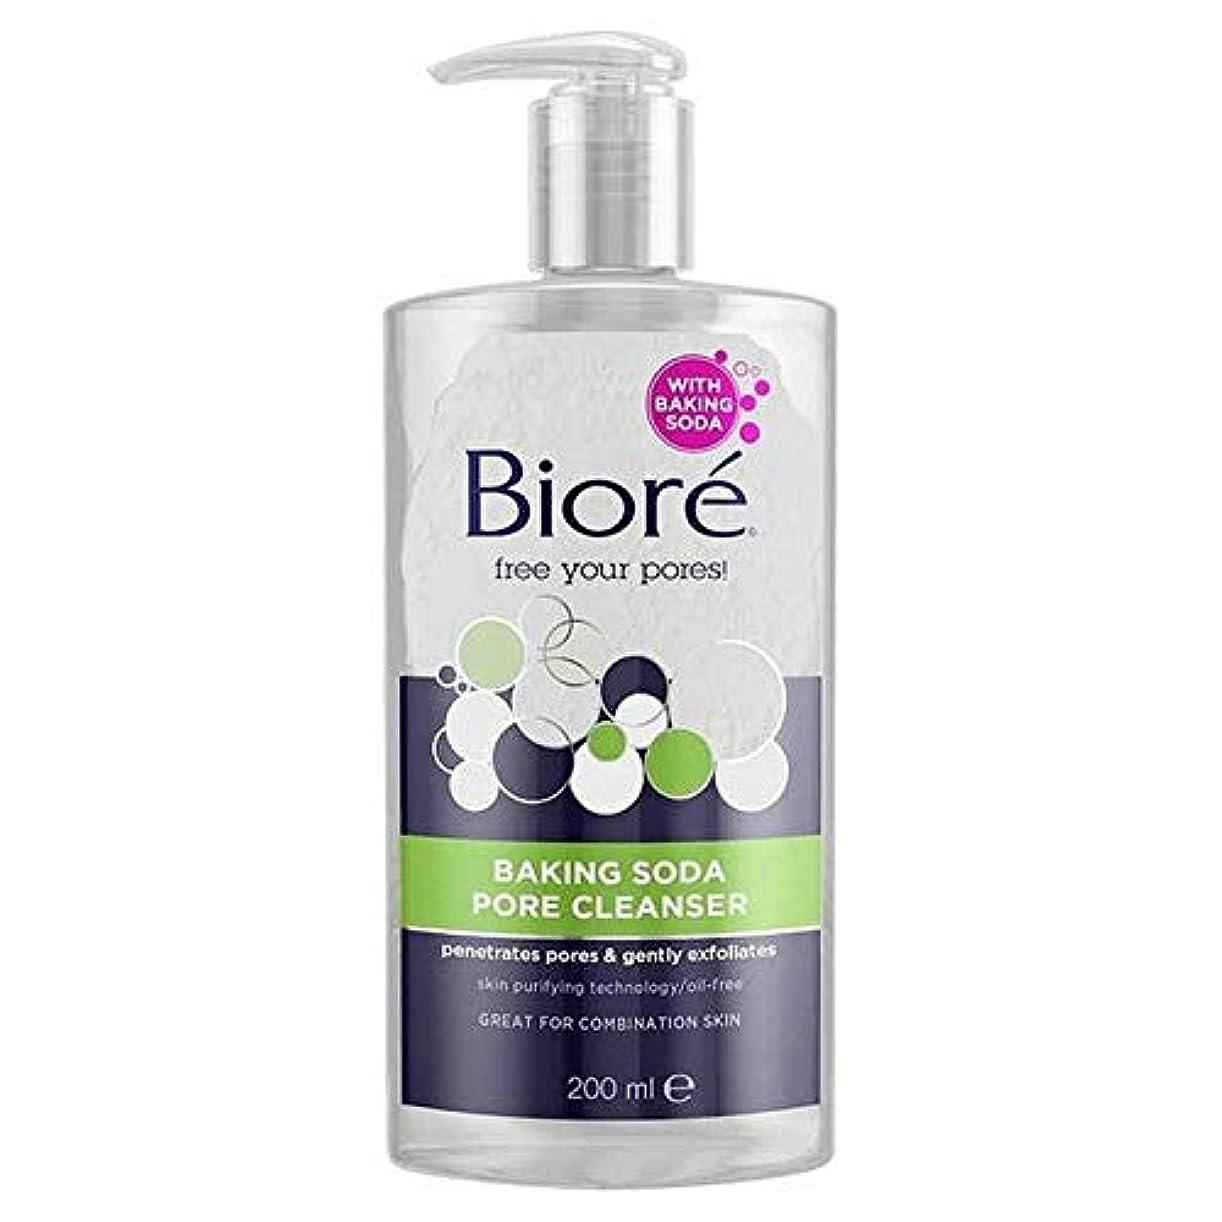 十億くそー革命[Biore ] ビオレベーキングソーダポアクレンザーの200ミリリットル - Biore Baking Soda Pore Cleanser 200ml [並行輸入品]